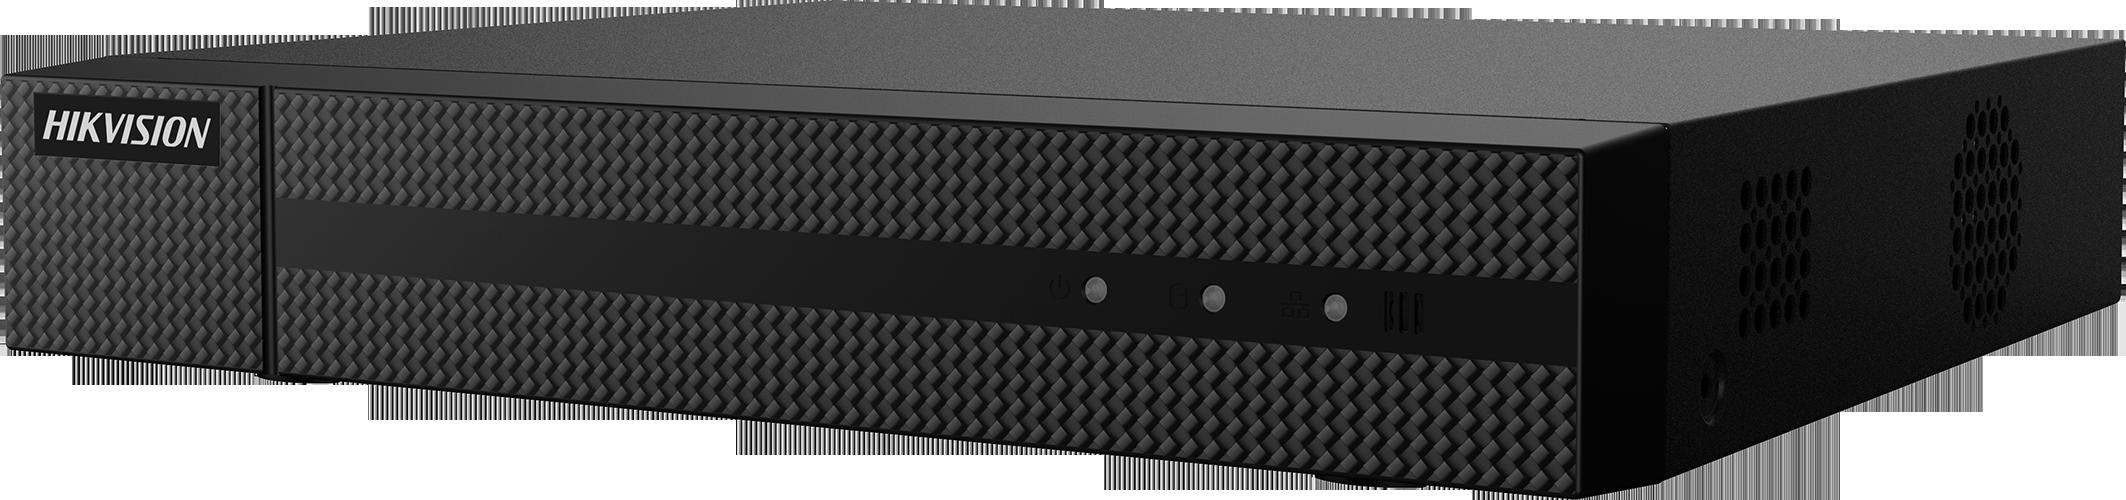 HWD-5108M